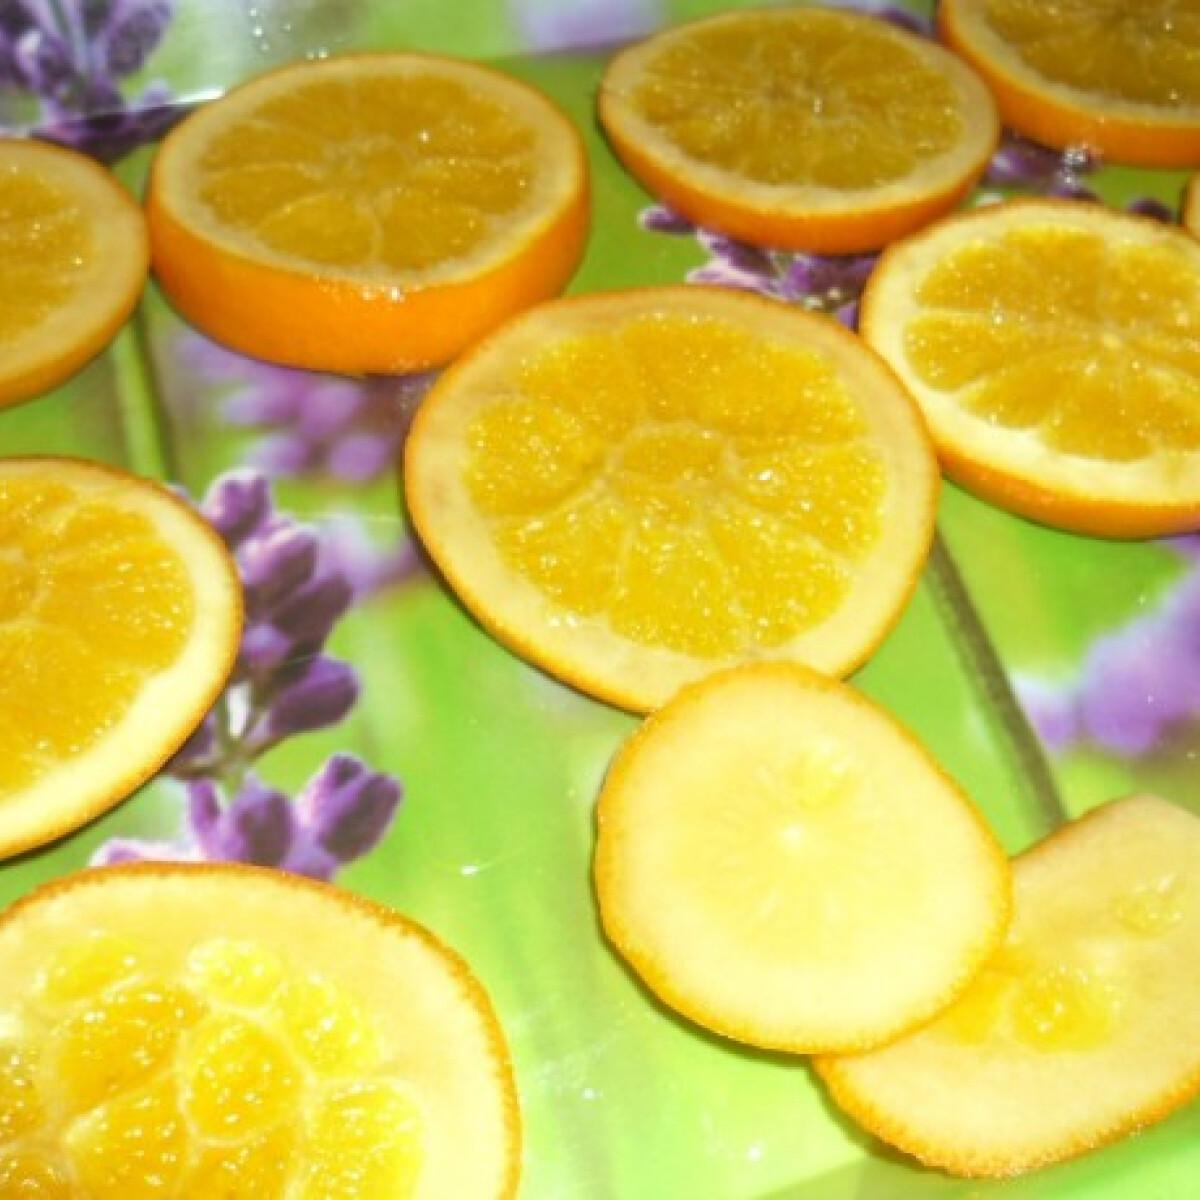 Cukrozott narancs